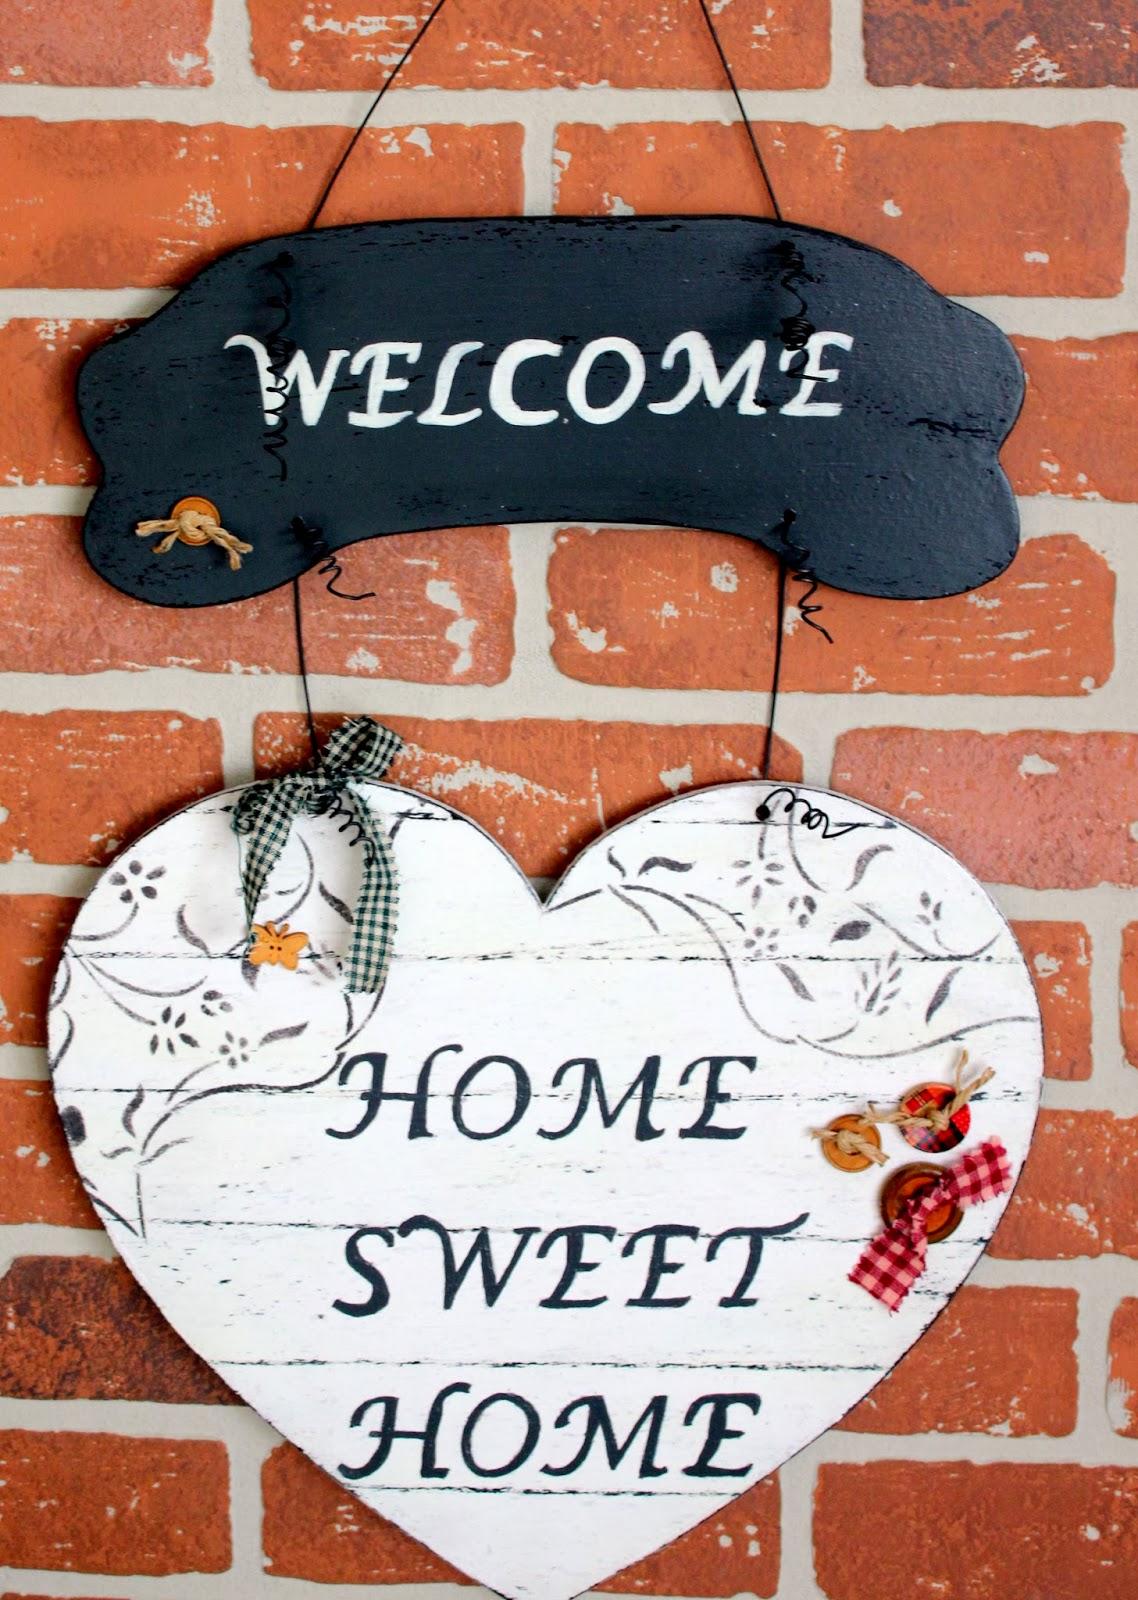 eceaymer home sweet home. Black Bedroom Furniture Sets. Home Design Ideas